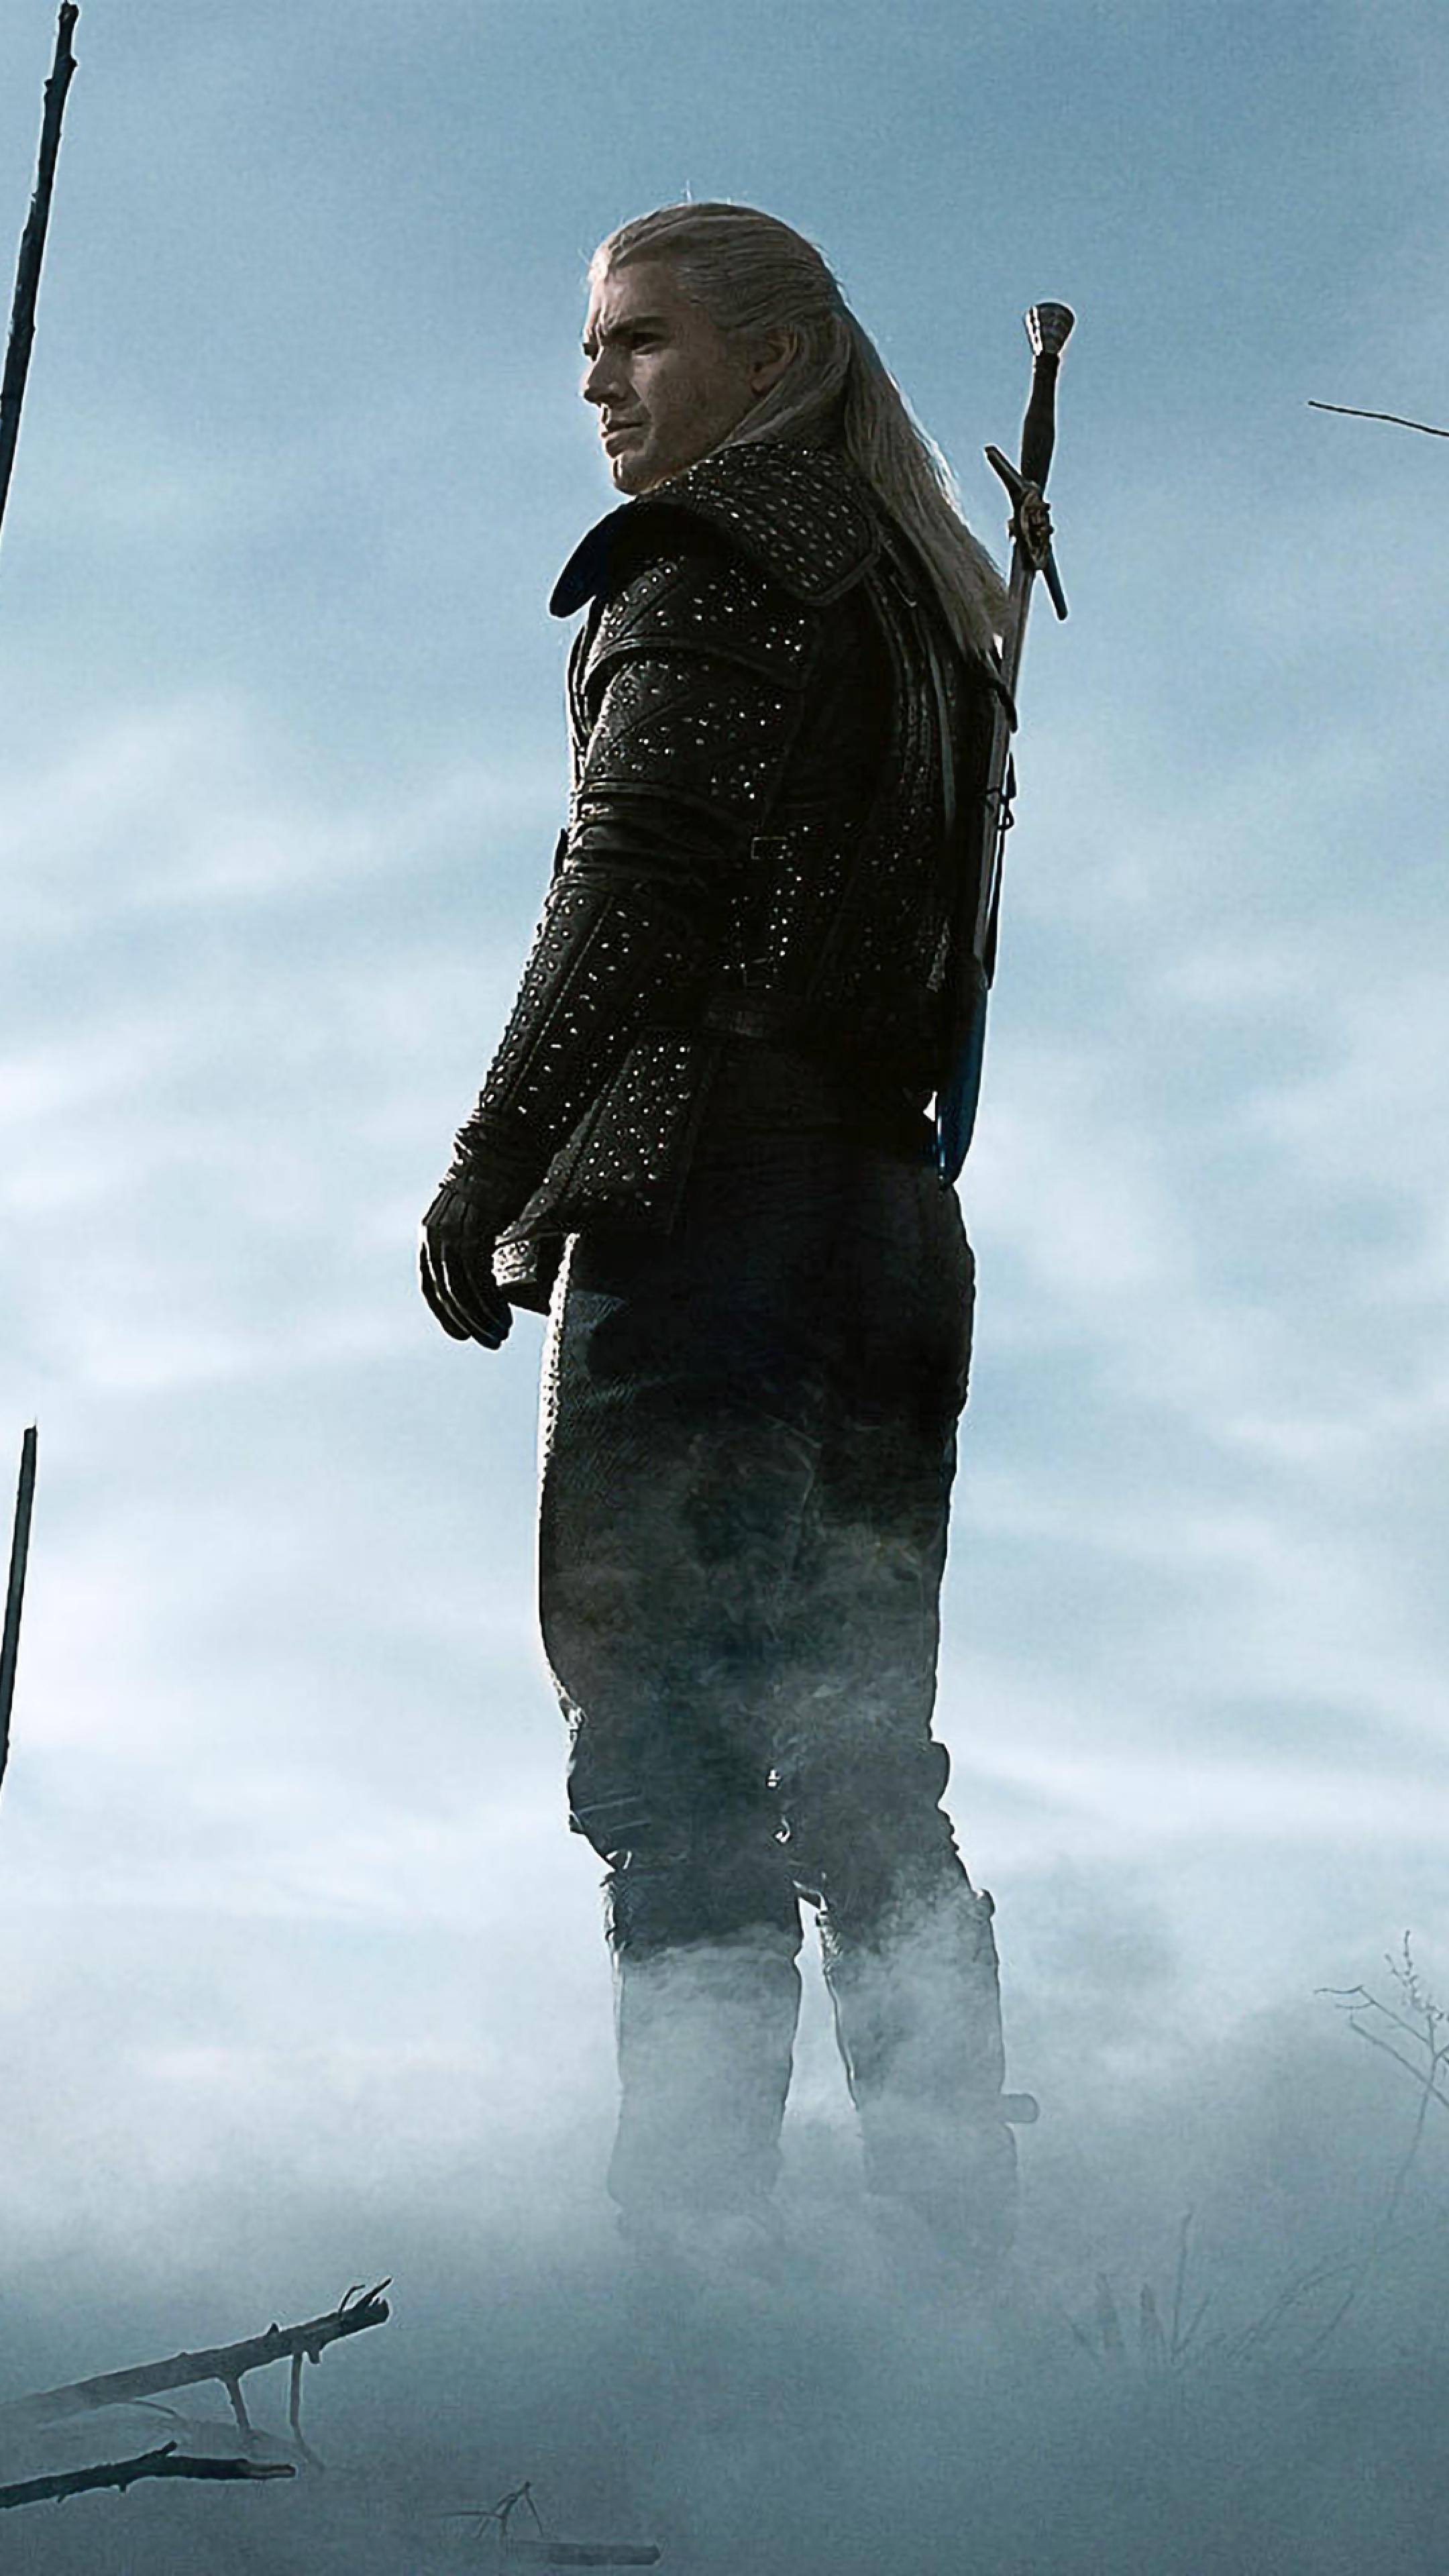 2160x3840 Henry Cavill As Geralt De Rivia In The Witcher